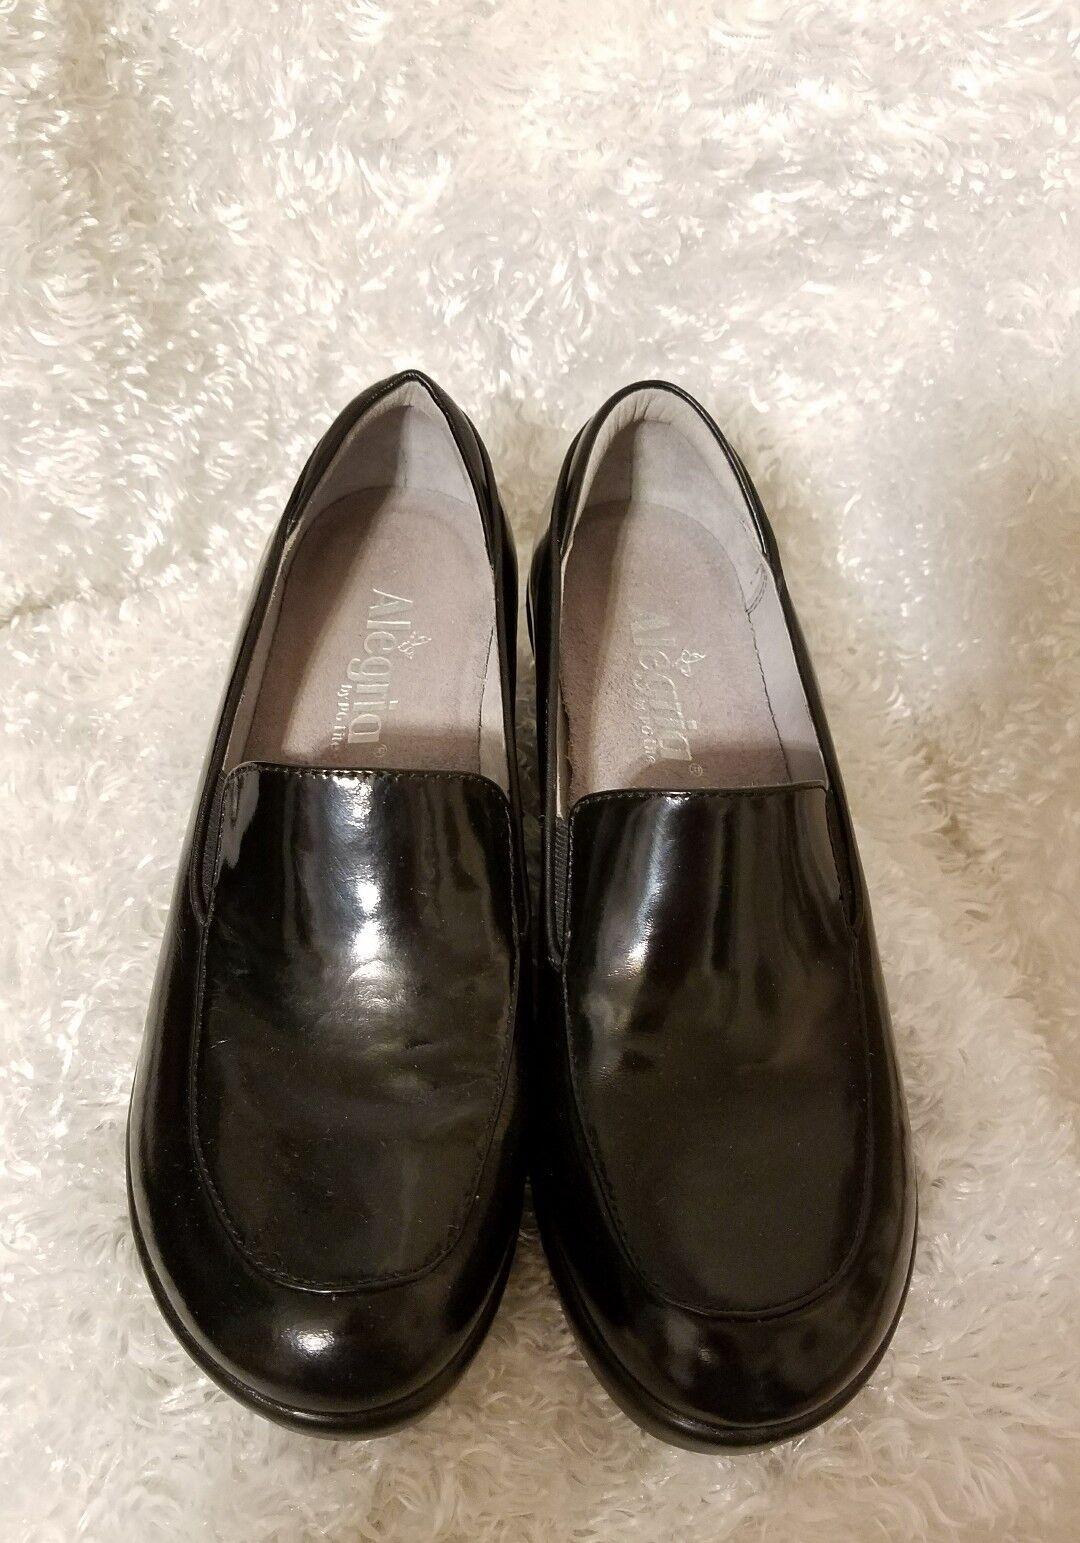 Alegria By PG Lite femmes 37 6.5,  7   Nursing chaussures